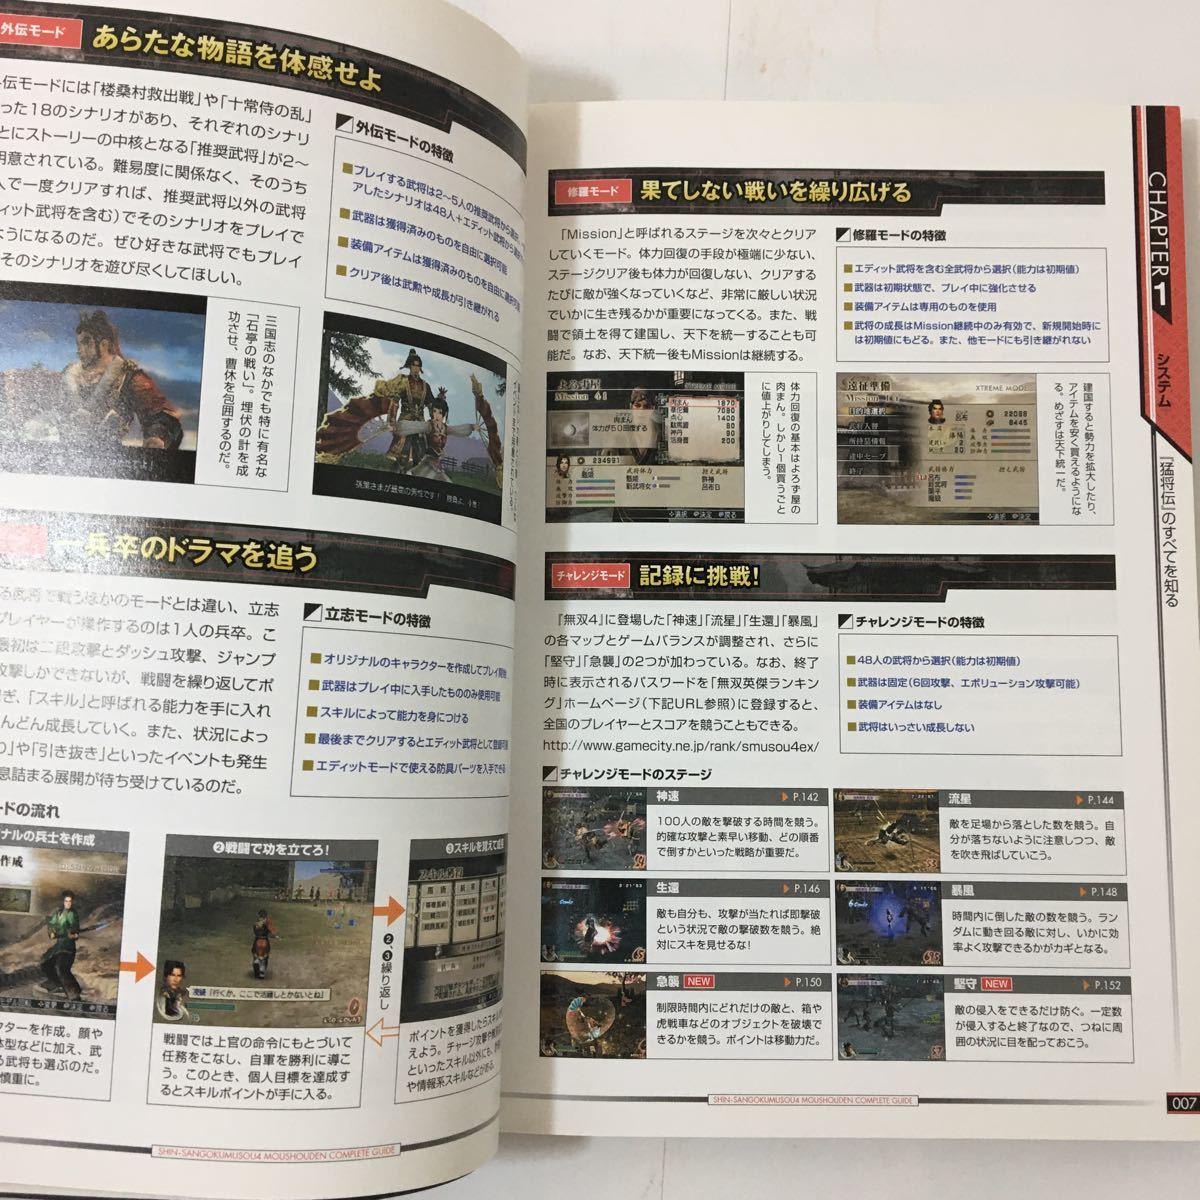 zaa-47♪ 真・三國無双4 コンプリートガイド上・下 +猛将記3冊セット ω‐Force (監修)